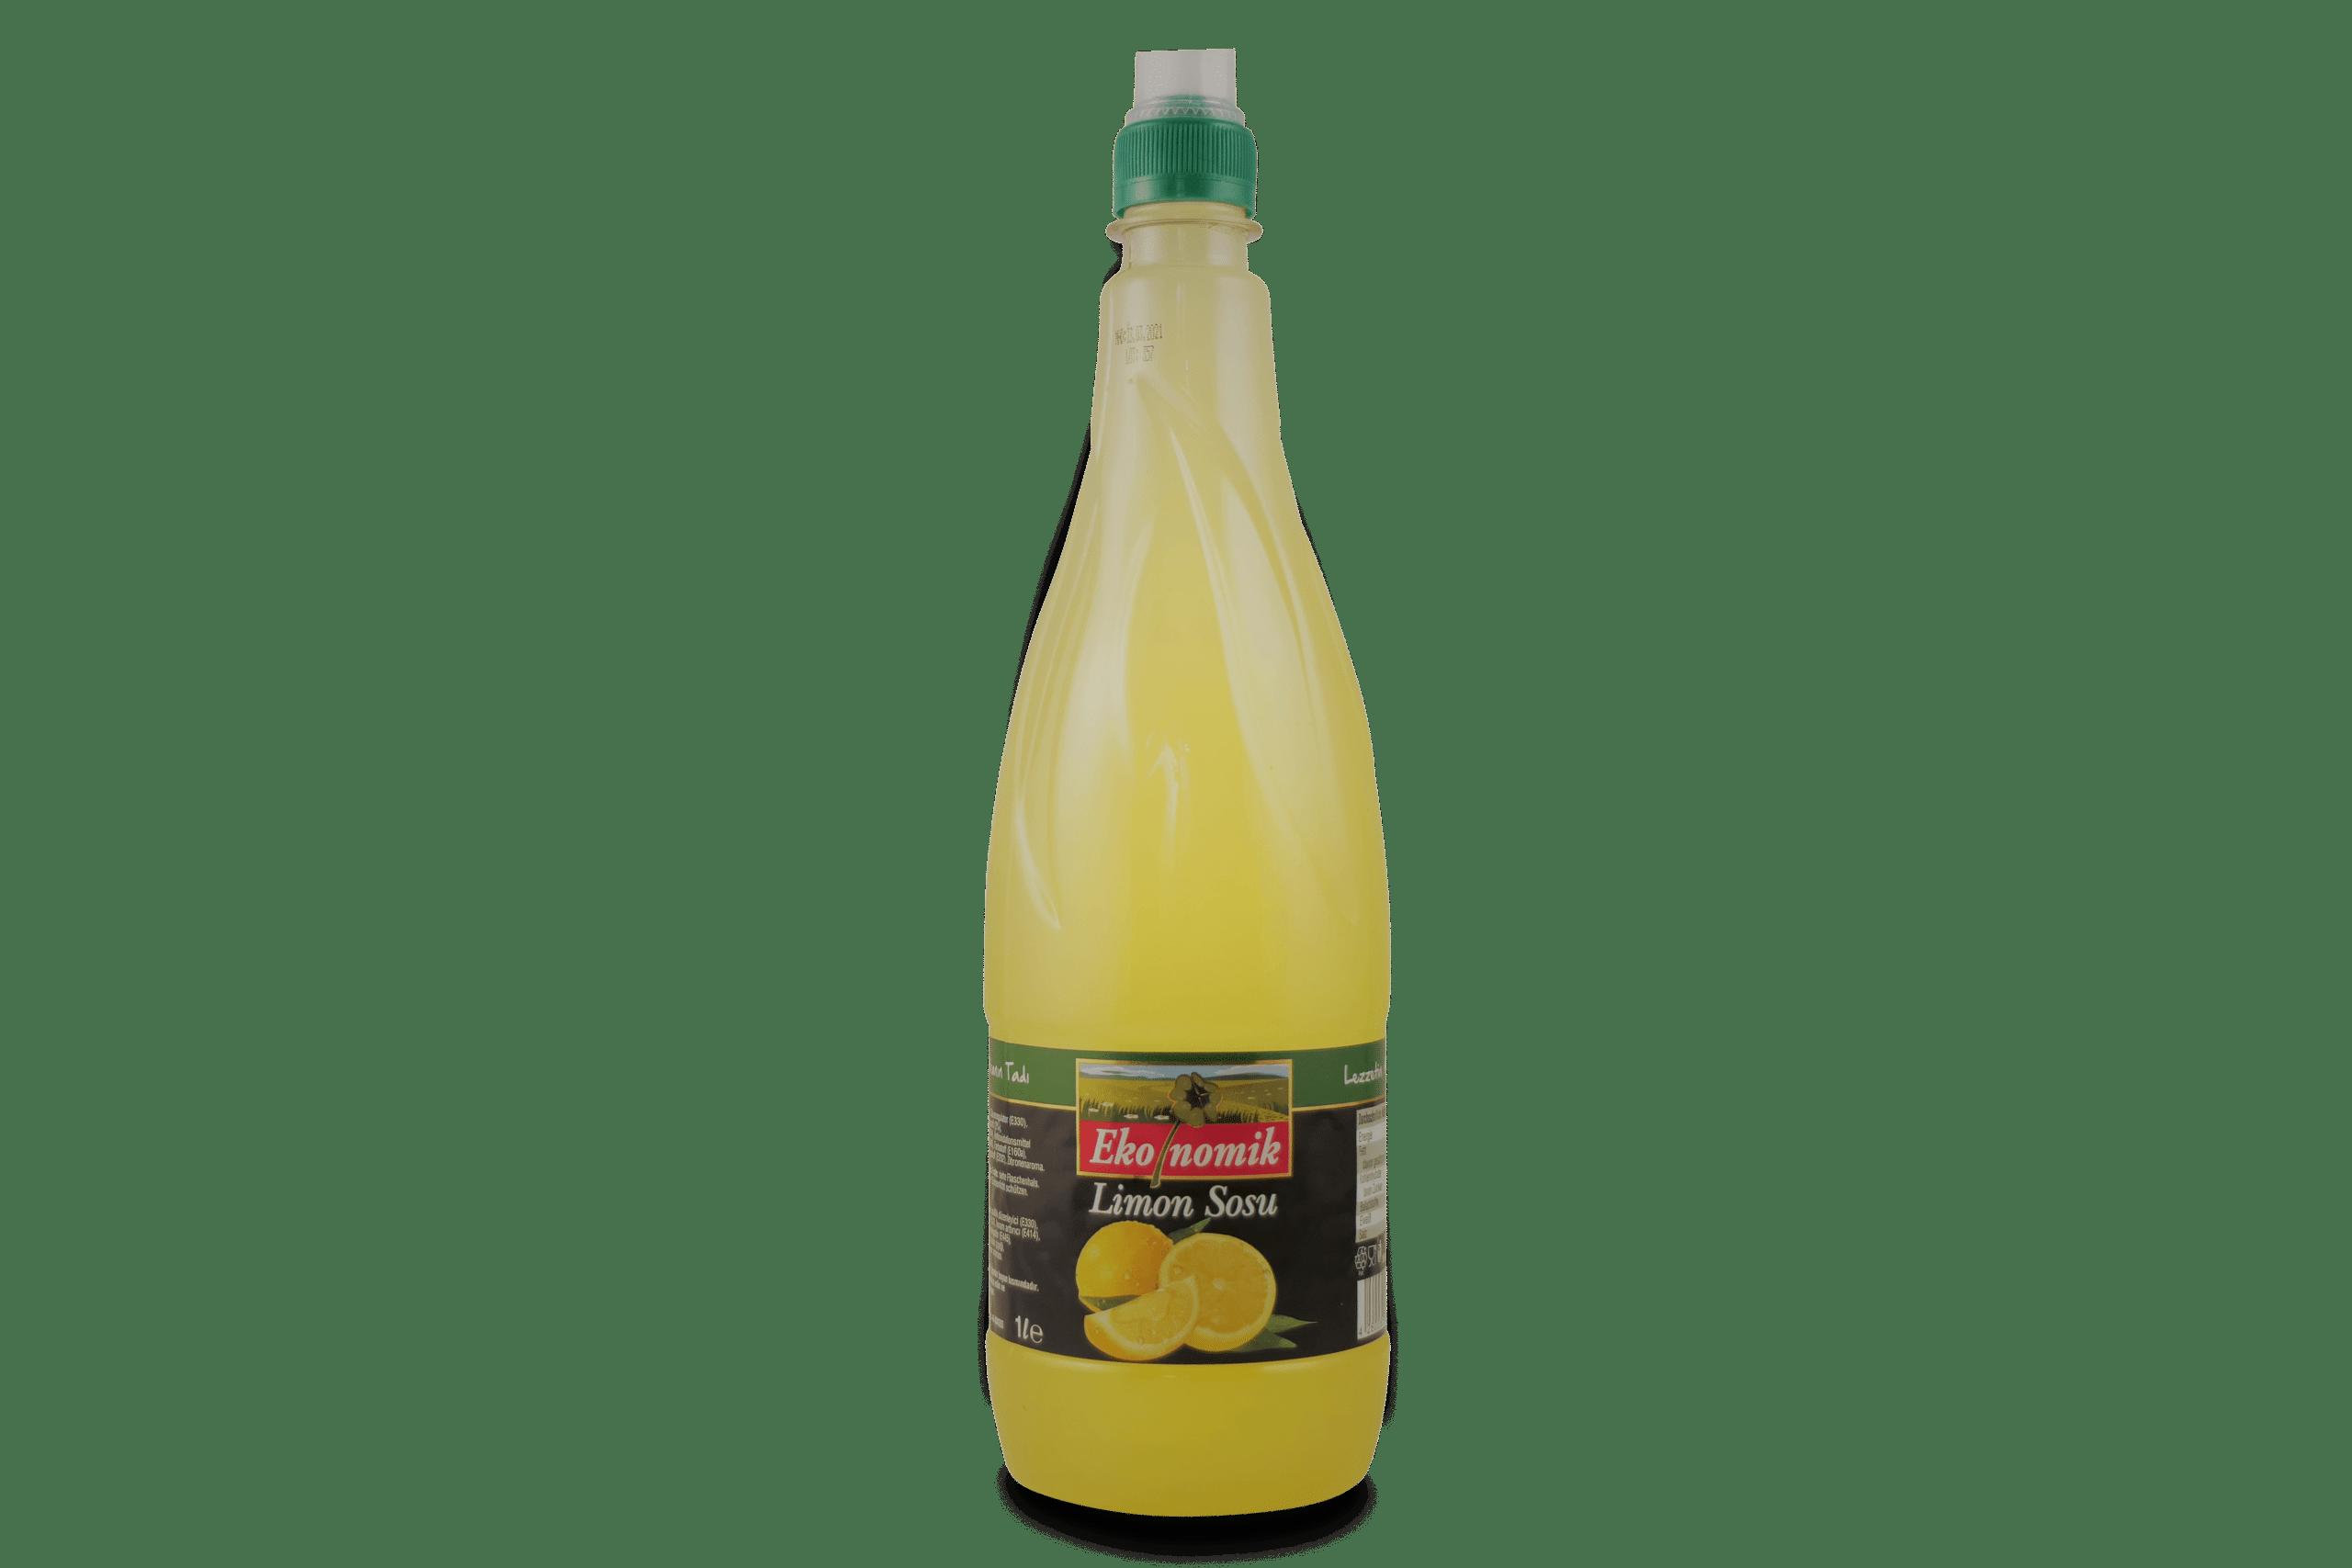 Ekonomik Limon Suyu / Zitronensaft 1l